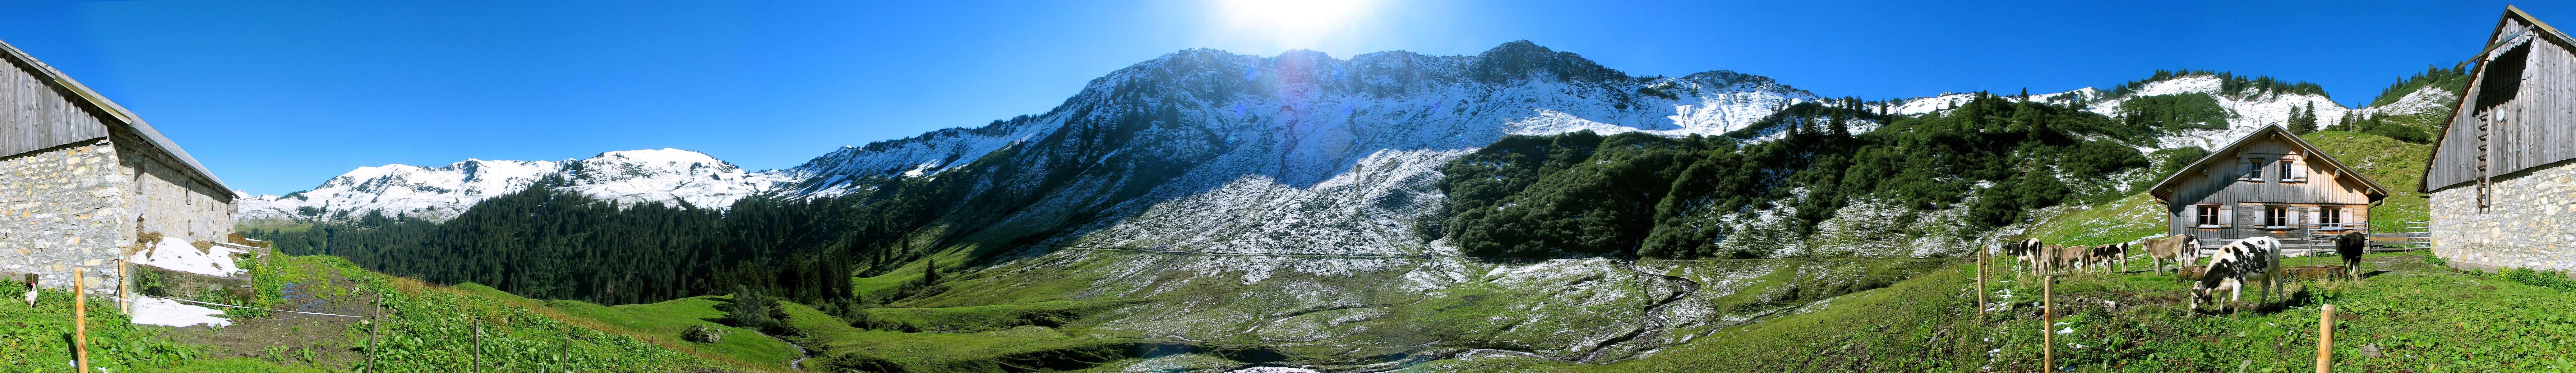 عکس+منظره+کوهستانی